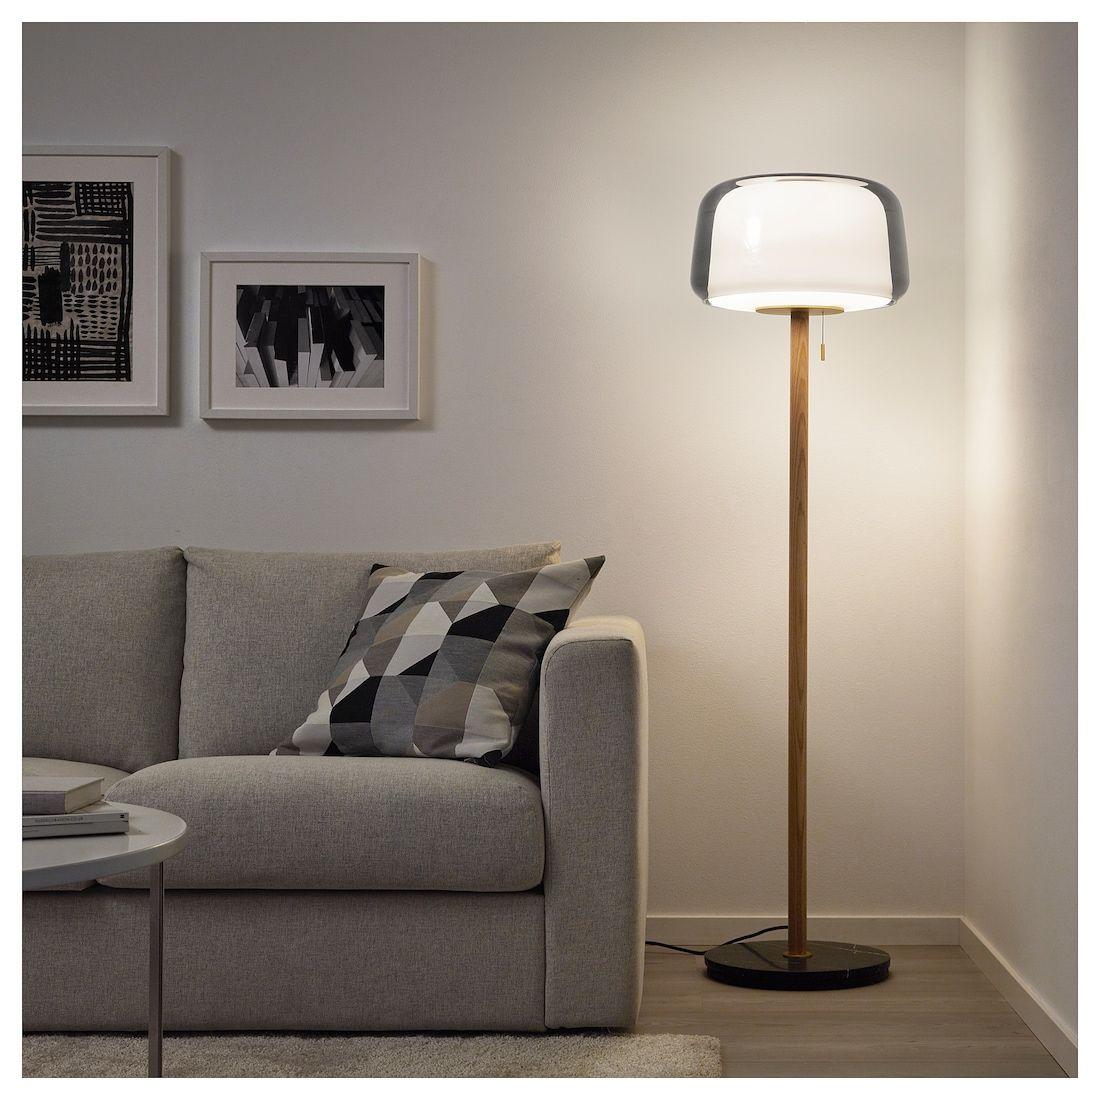 Full Size of Ikea Stehlampen Evedal Standleuchte Grau Marmor Küche Kosten Wohnzimmer Sofa Mit Schlaffunktion Modulküche Miniküche Betten Bei Kaufen 160x200 Wohnzimmer Ikea Stehlampen